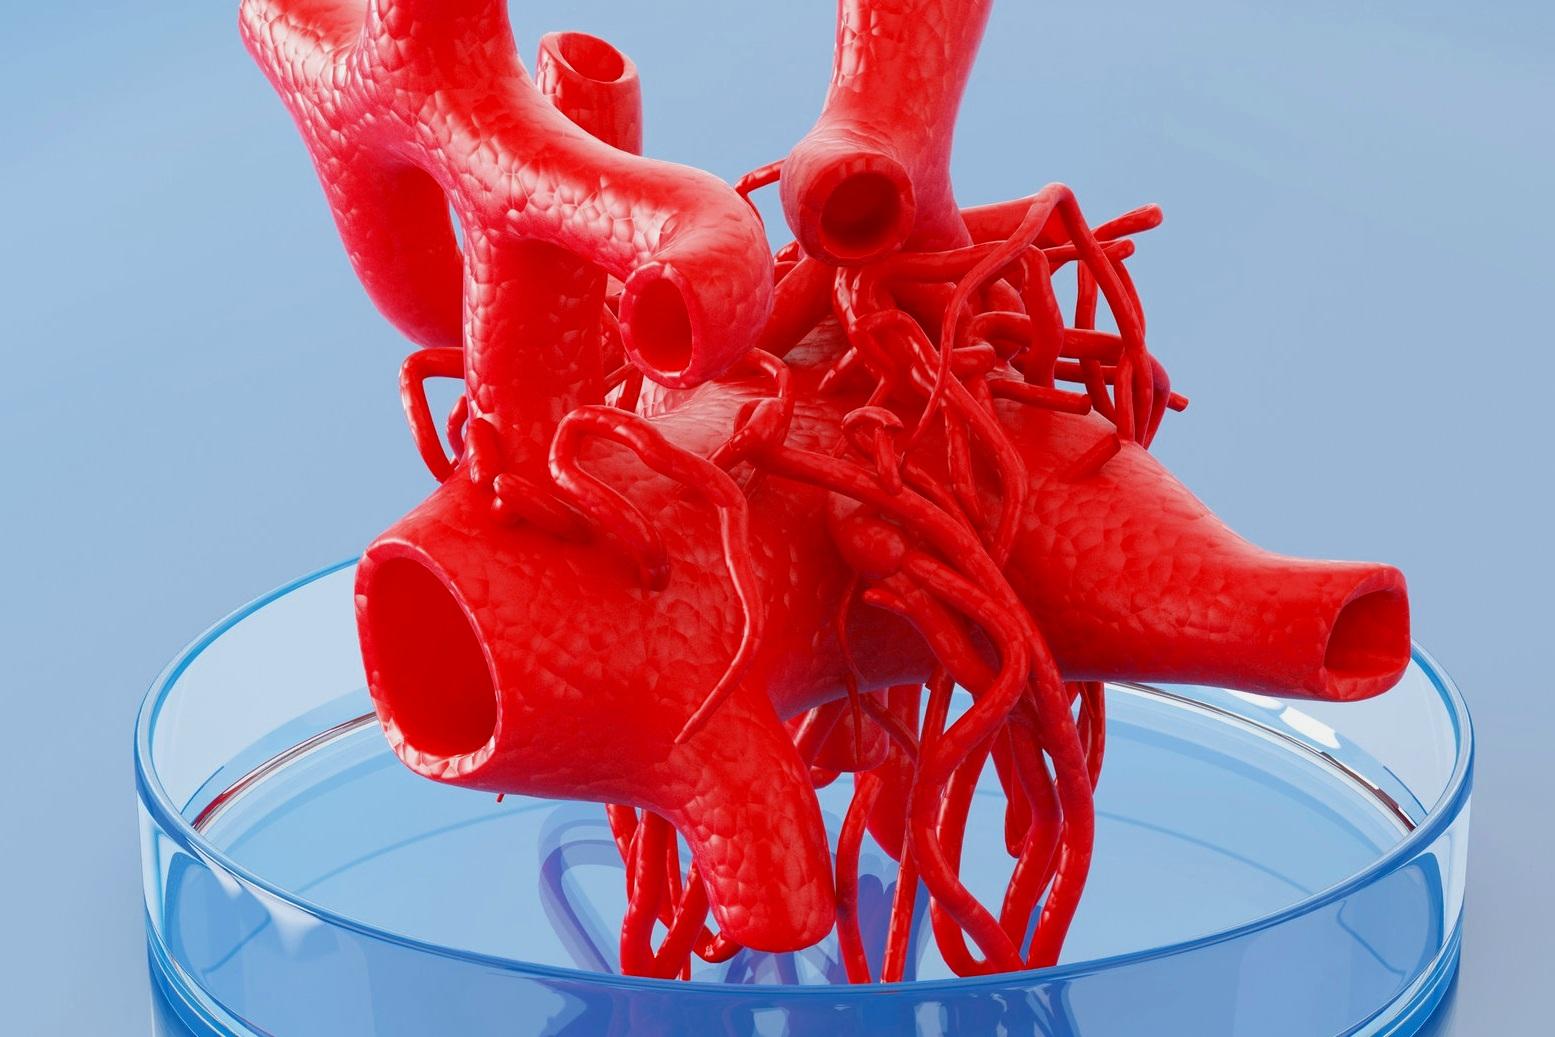 组织工程 - 已知干细胞的混合物自组装成类似于小型化器官(类器官)的复杂结构,其概括了生物学和组织的功能。 我们的血管生成细胞在结构内形成微血管以确保灌注。增材制造和生物材料的进步推动了含有细胞的墨水(生物墨水)的发展,这种墨水可以印刷成更大的结构。 Vascugen正在建立合作伙伴关系,以便在这个激动人心的新领域中利用我们